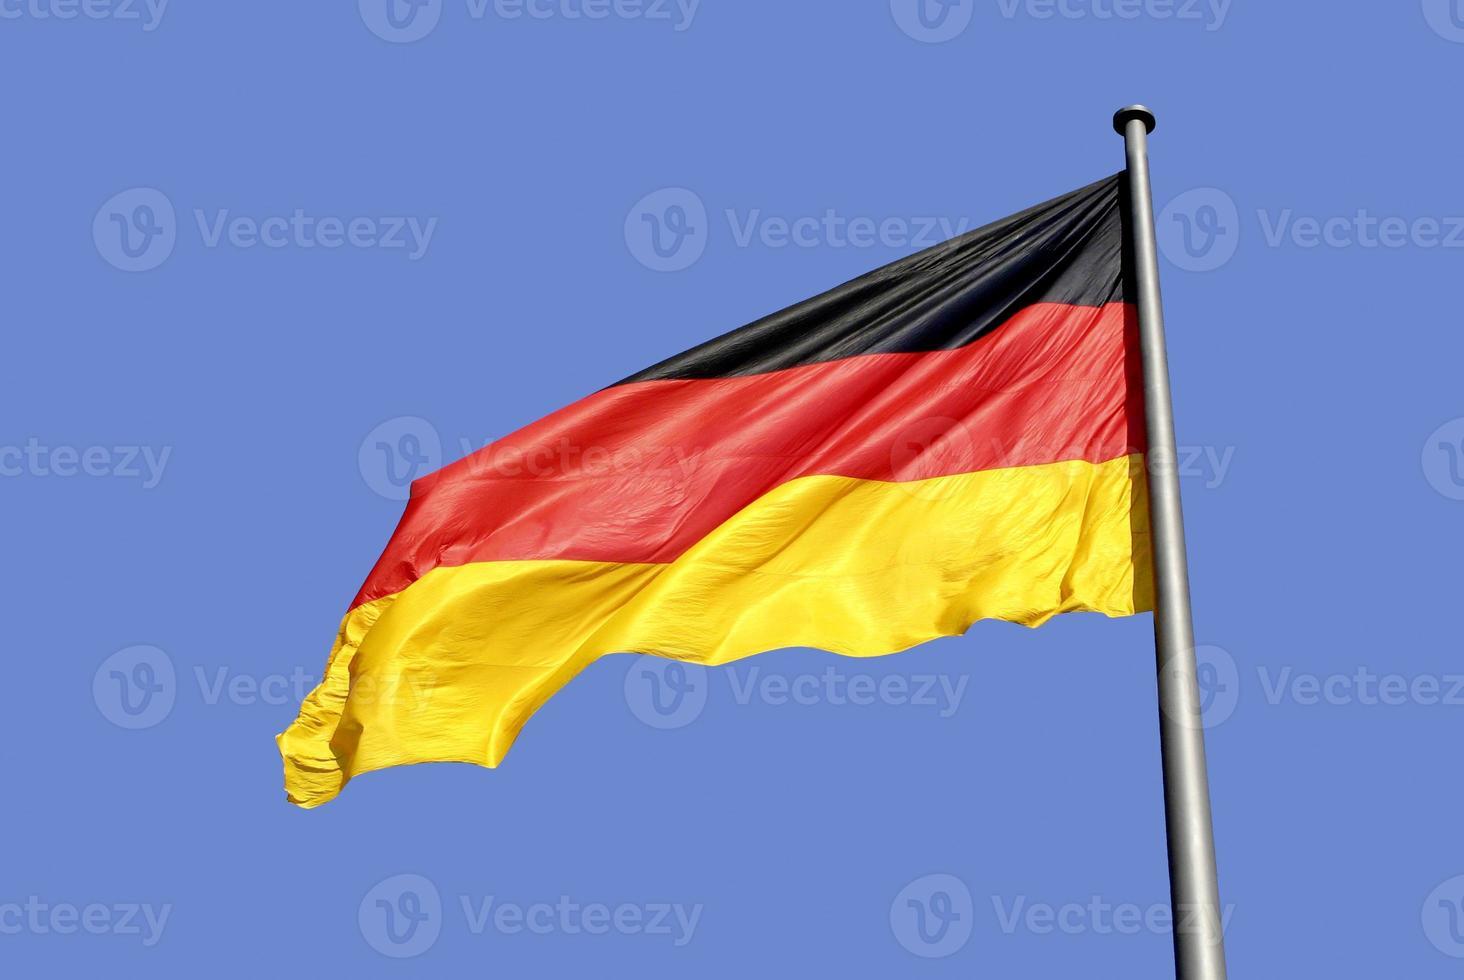 Duitse nationale vlag in Berlijn foto